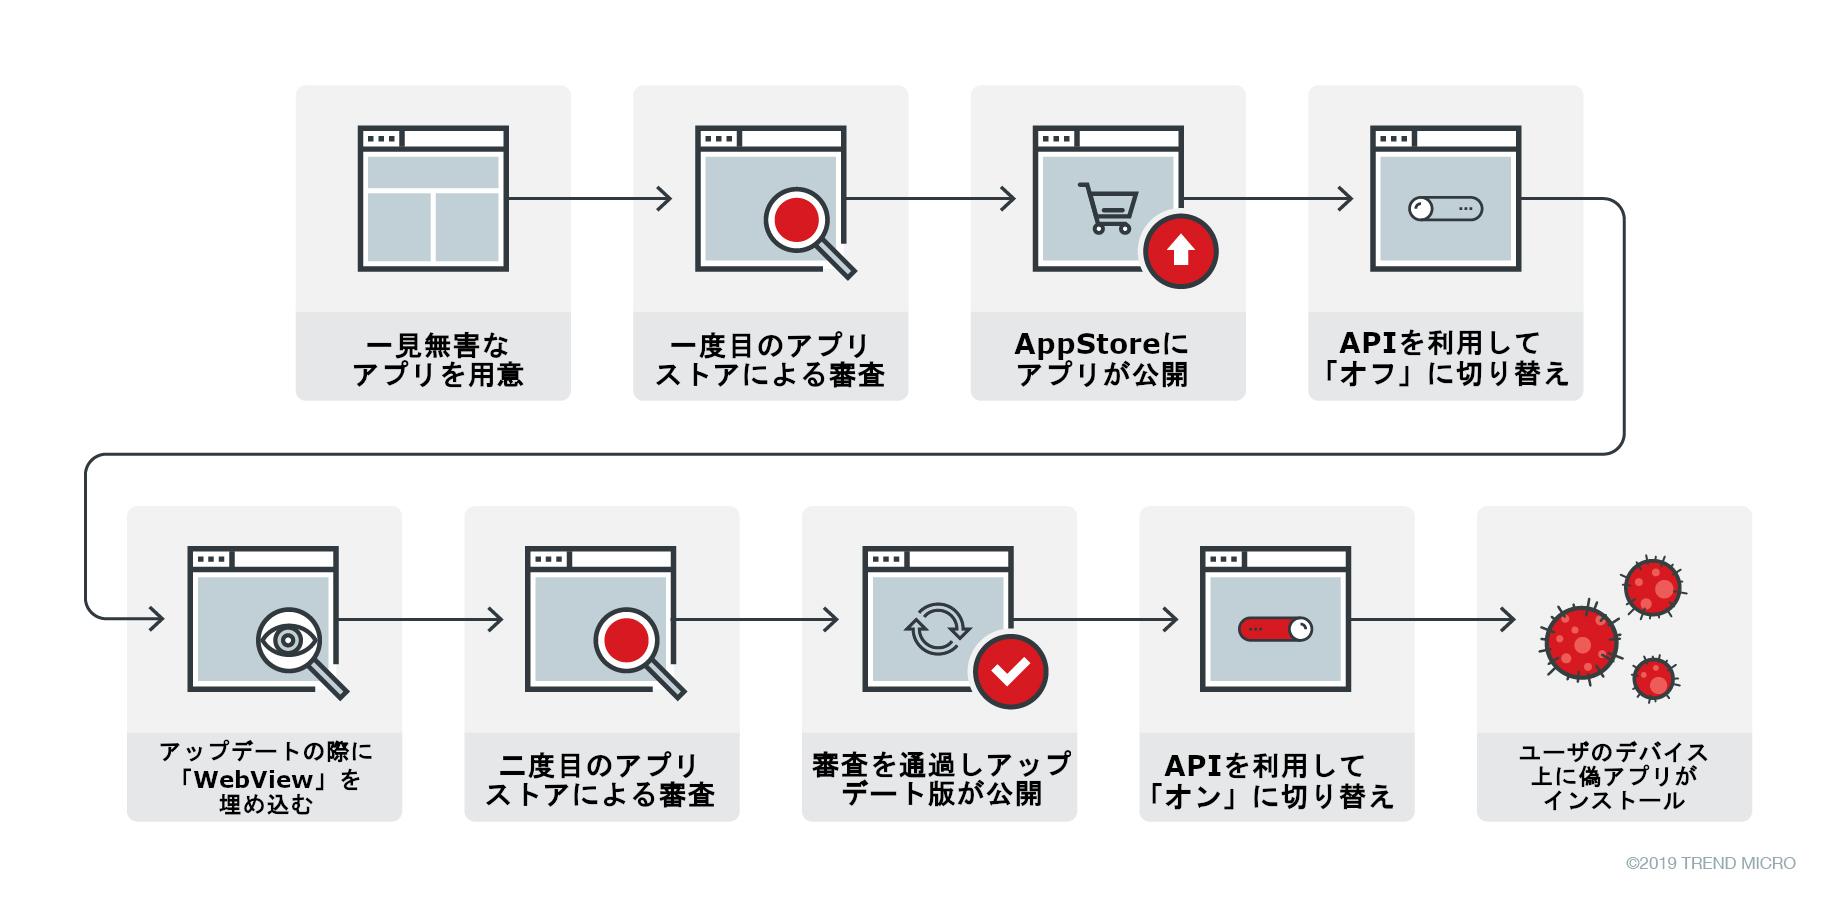 図7:ギャンブルアプリがアプリストア内で公開されるに至る全体の流れ